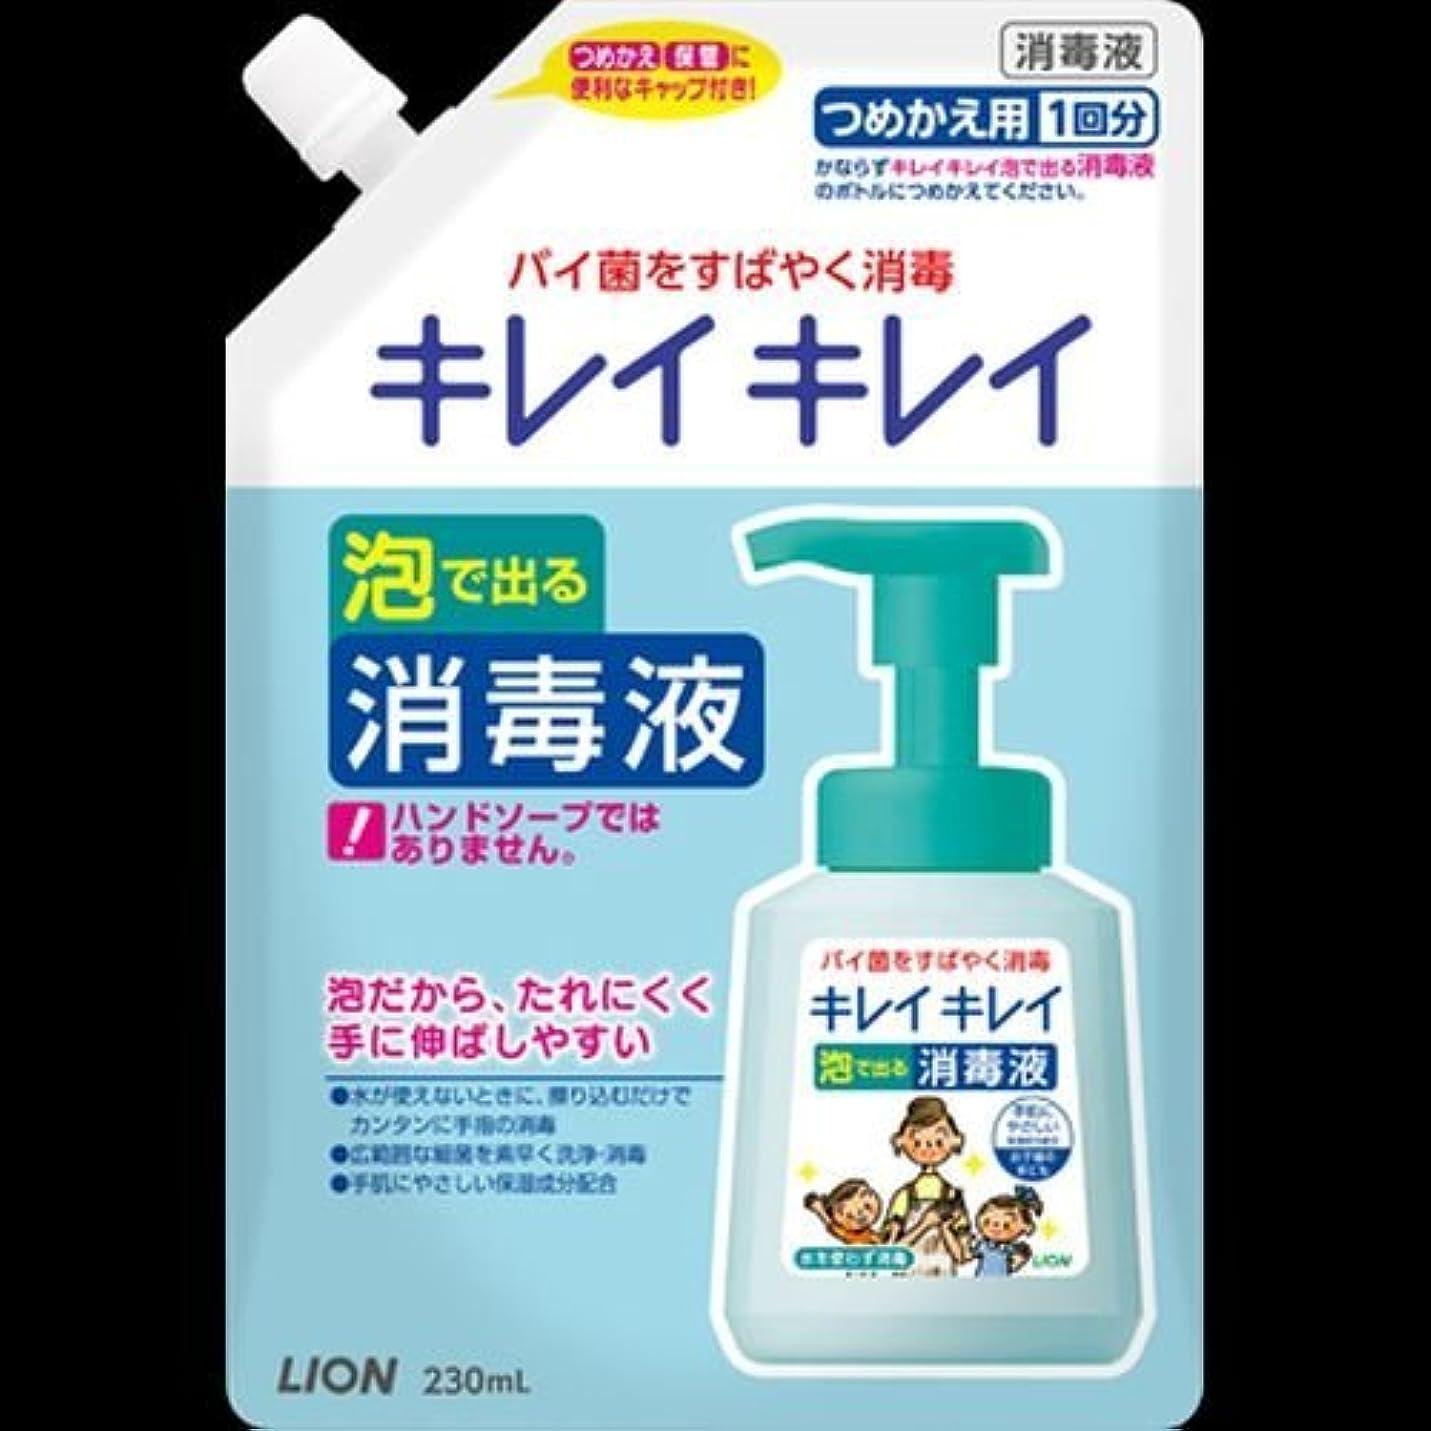 リファインターゲット視聴者キレイキレイ 薬用泡ででる消毒液 つめかえ用 230mL ×2セット